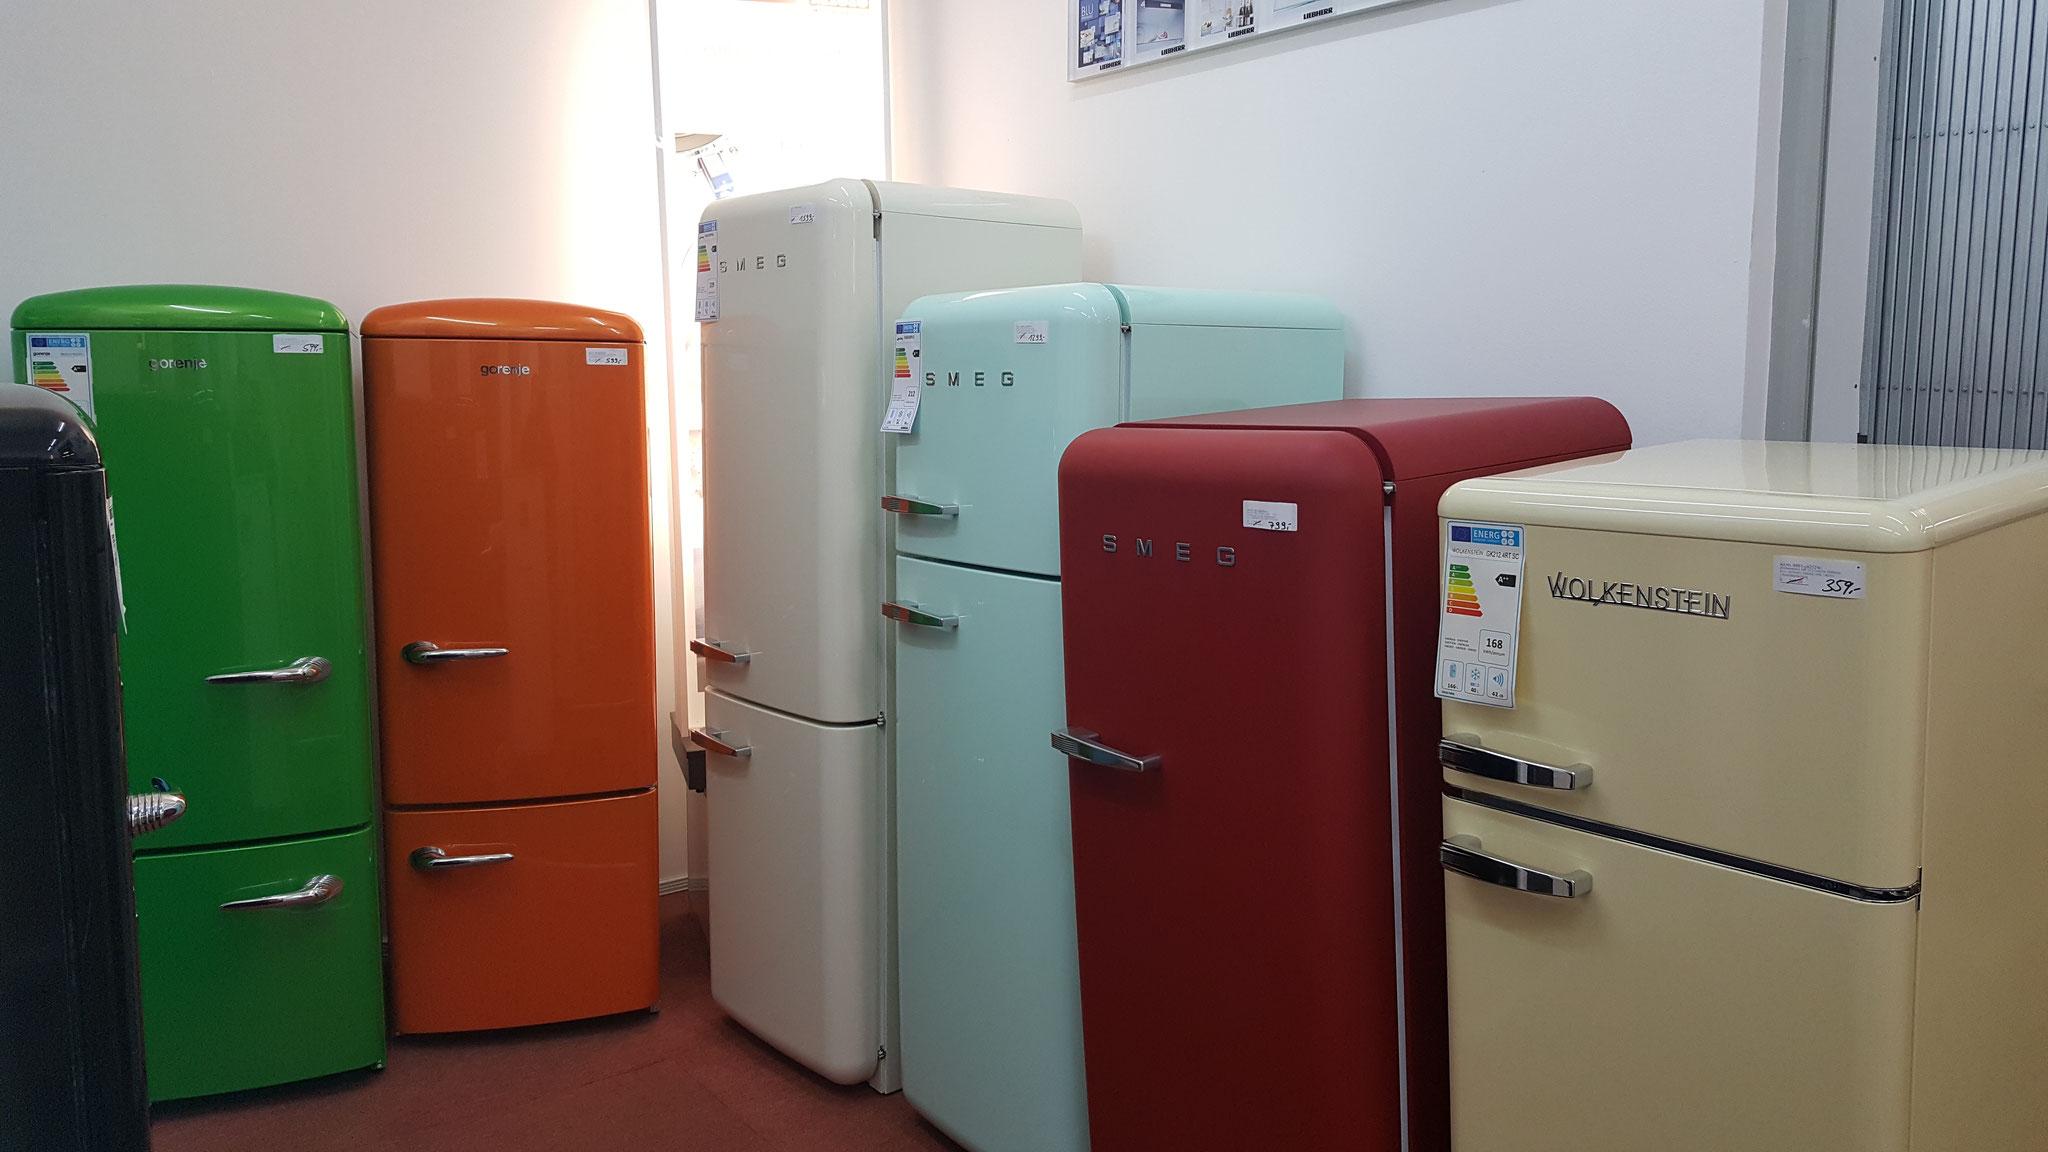 Gorenje Kühlschrank Gefrierkombination : Ersatzteile gorenje kühl gefrierkombination bosch umluft